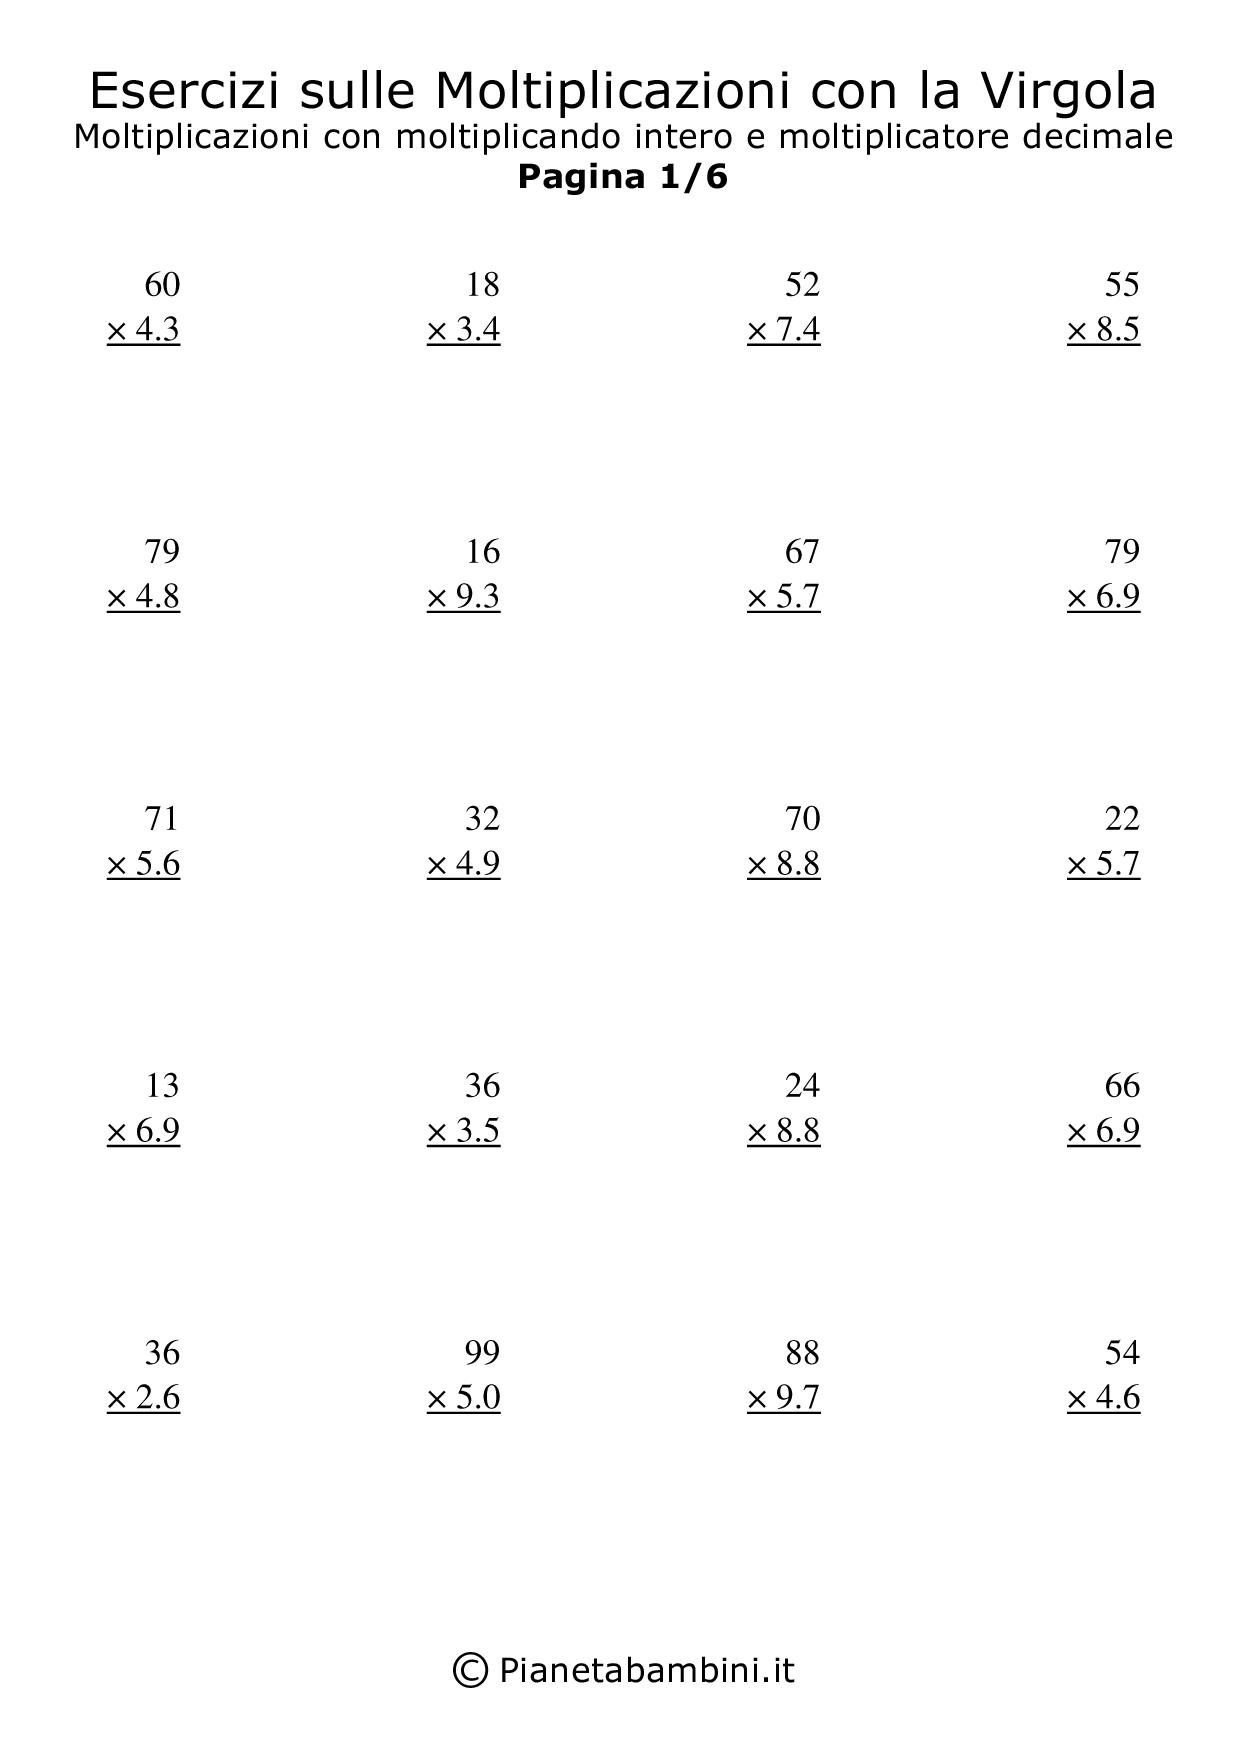 Moltiplicazioni-Virgola-Intero-X-Decimale_1